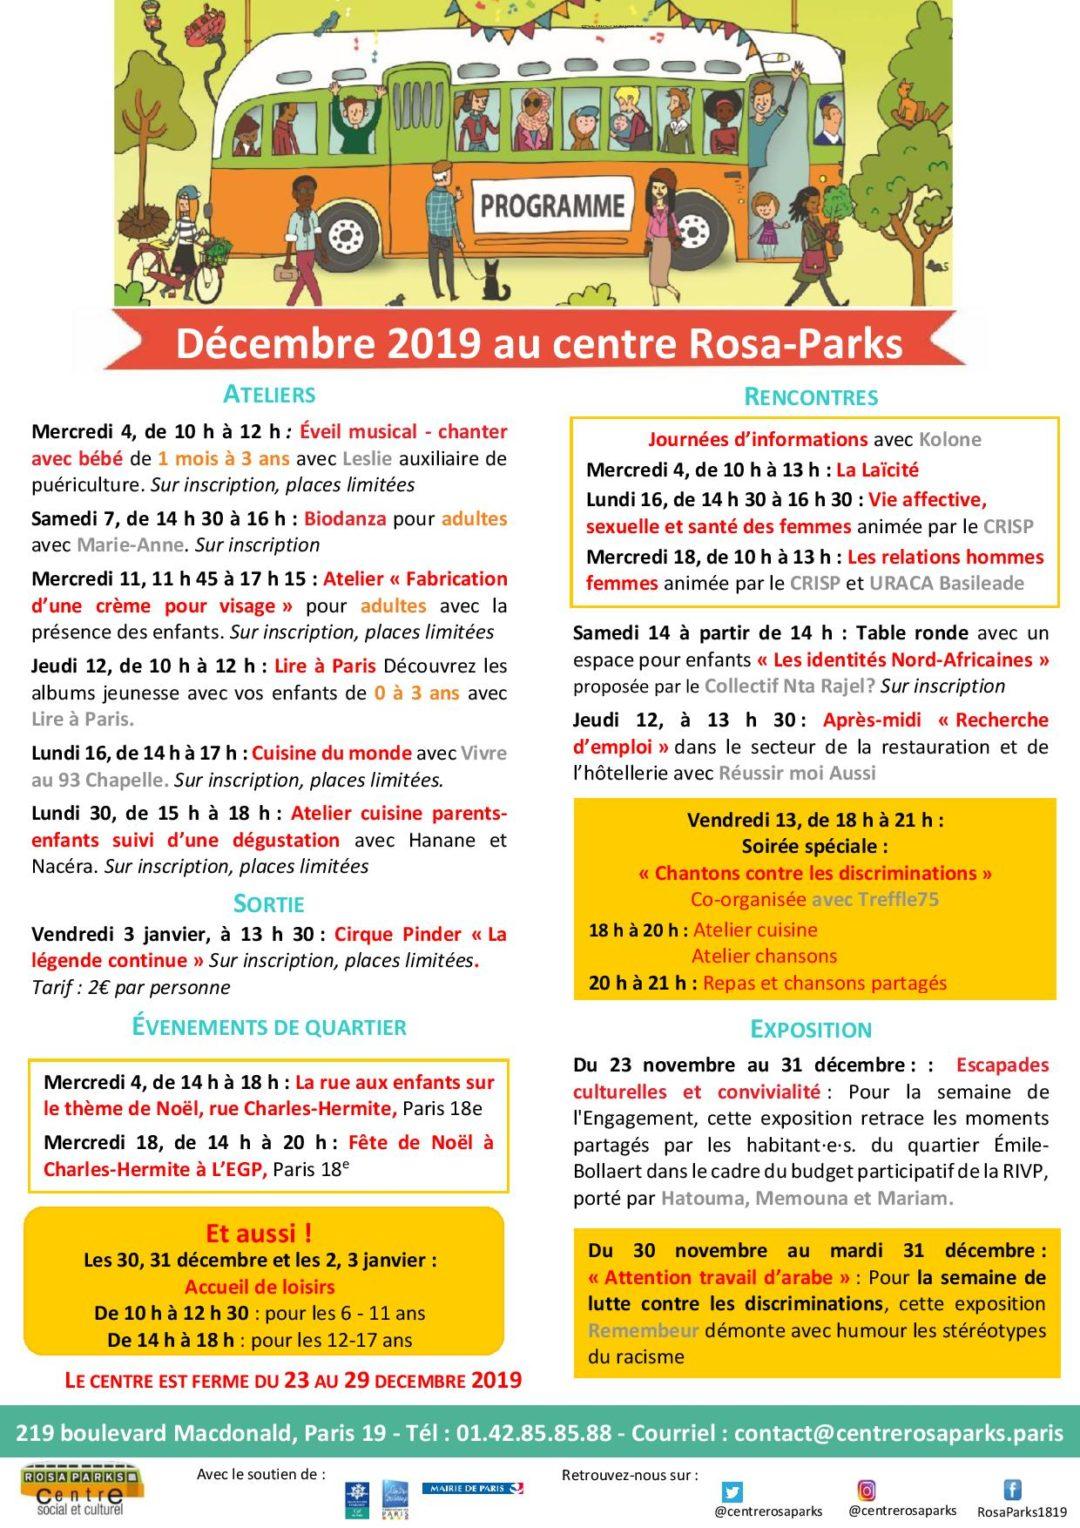 Programme du mois de décembre